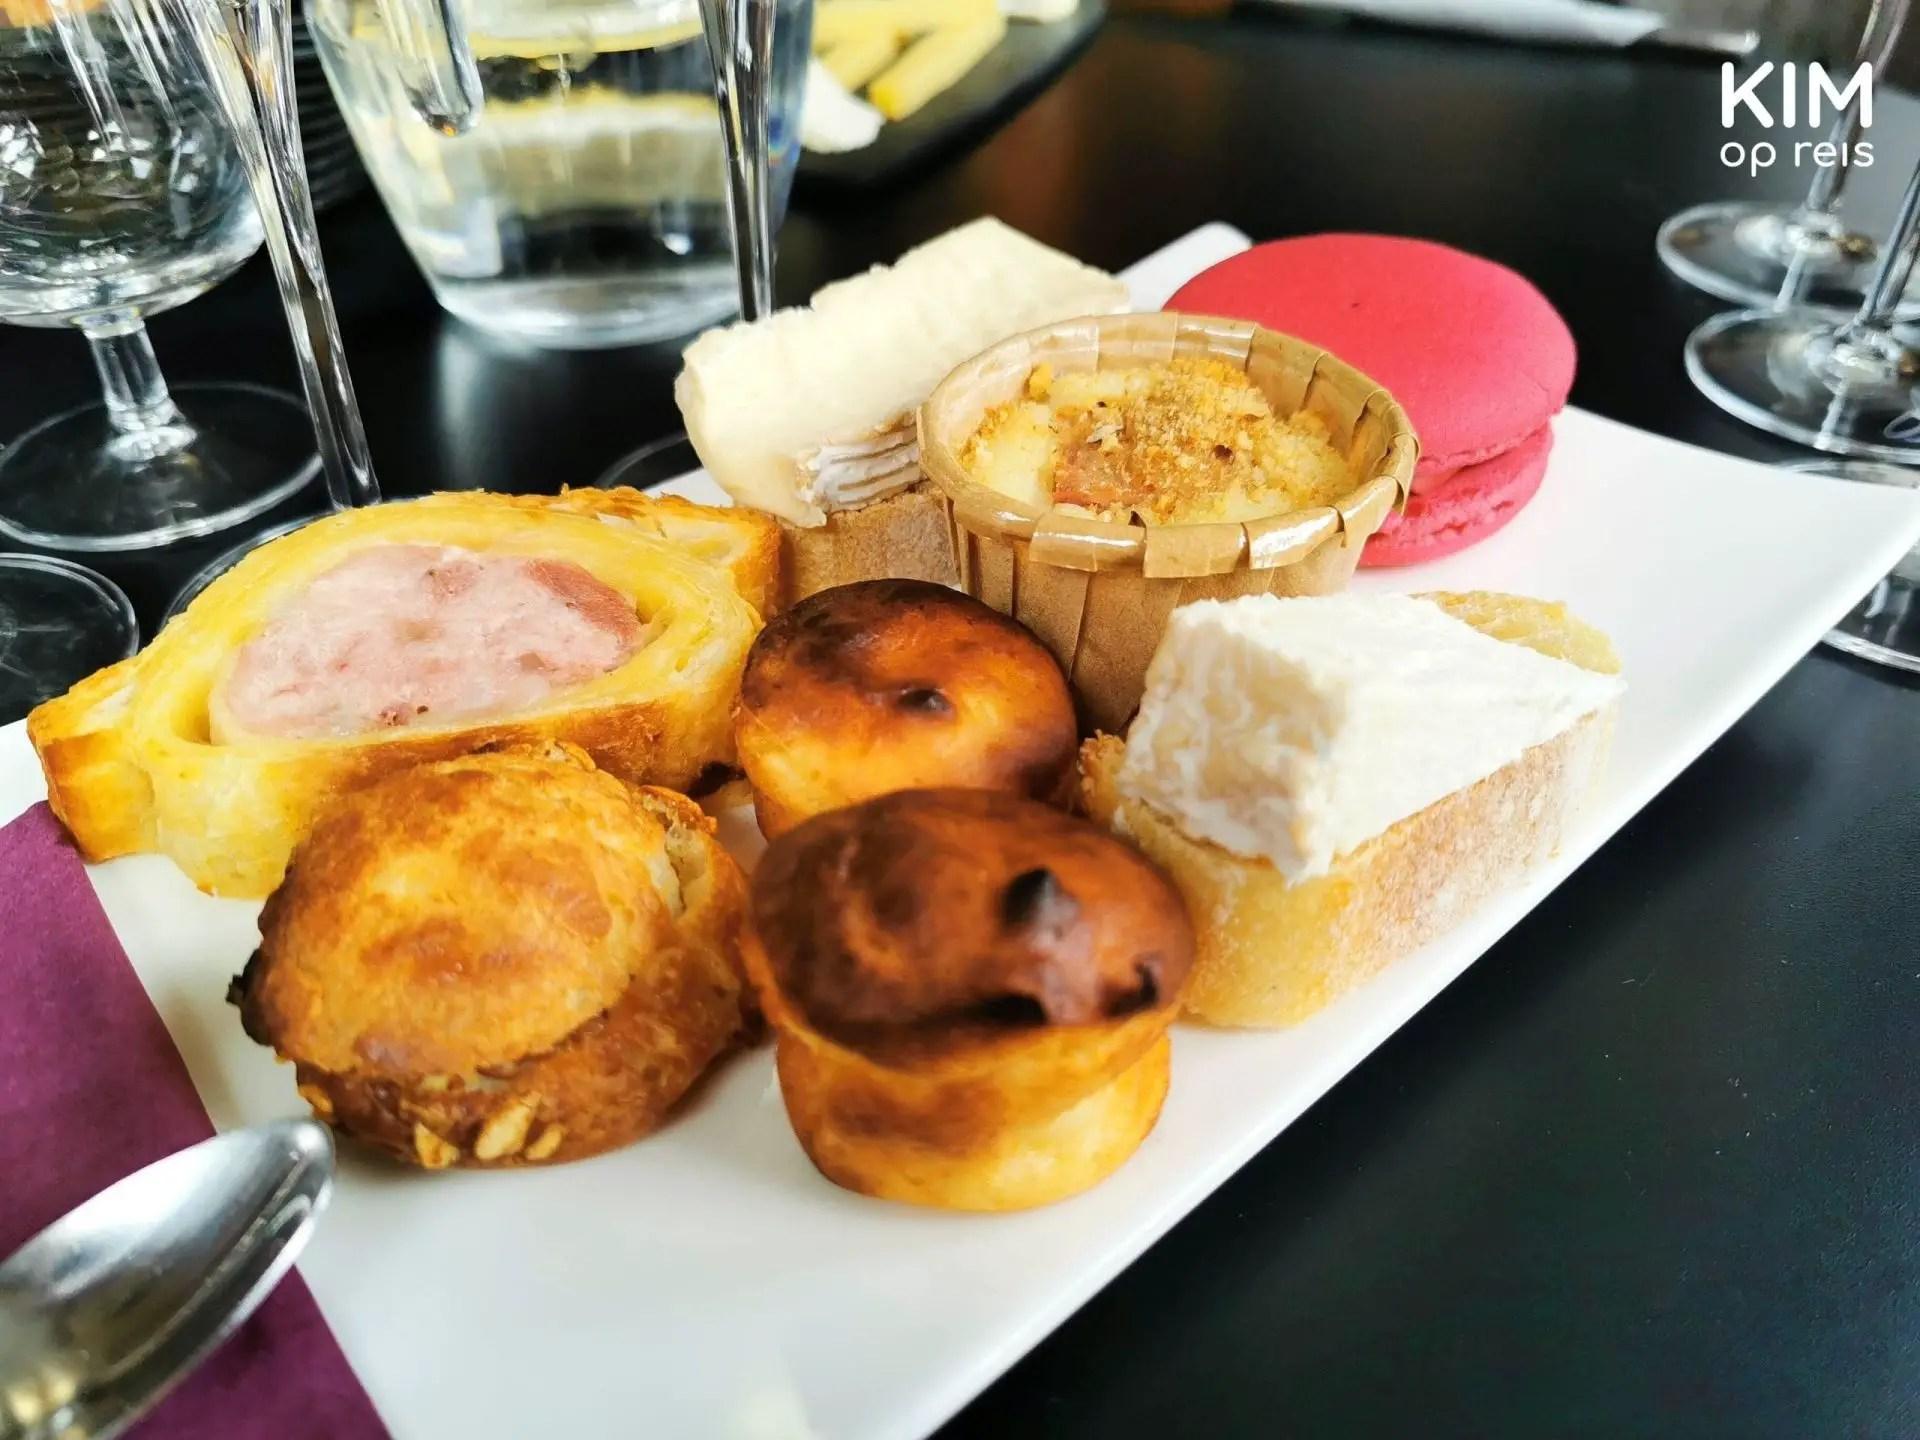 Au36 Hautvillers lokale specialiteiten: bord met o.a. pate, een macaron, kaas en meer